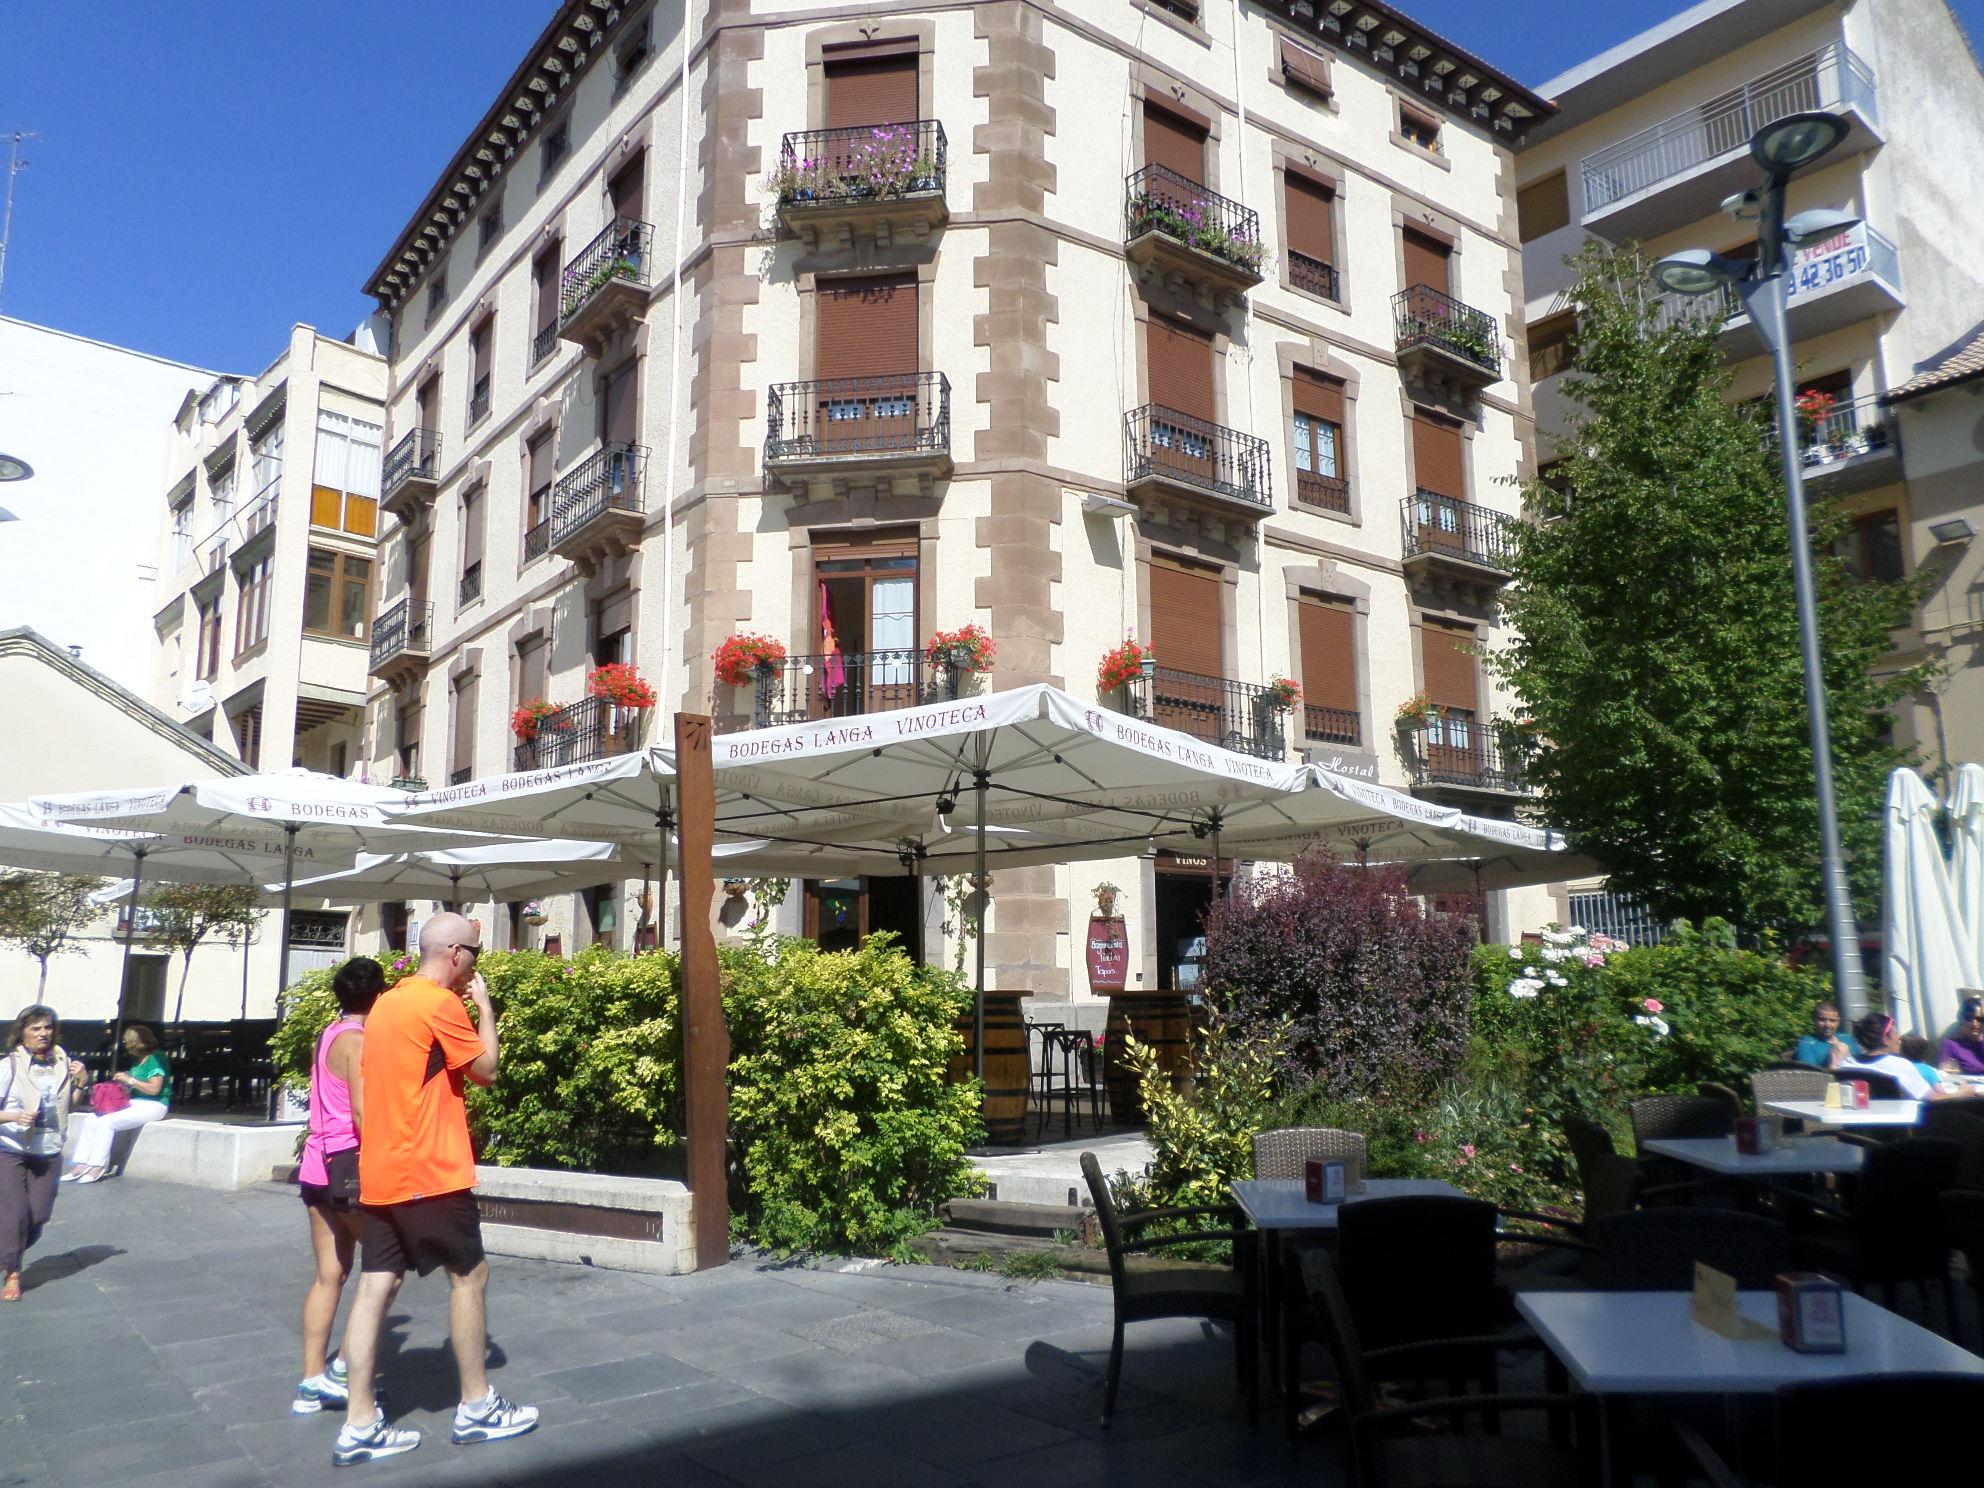 Jaca plaza san pedro bodegas langa aug14